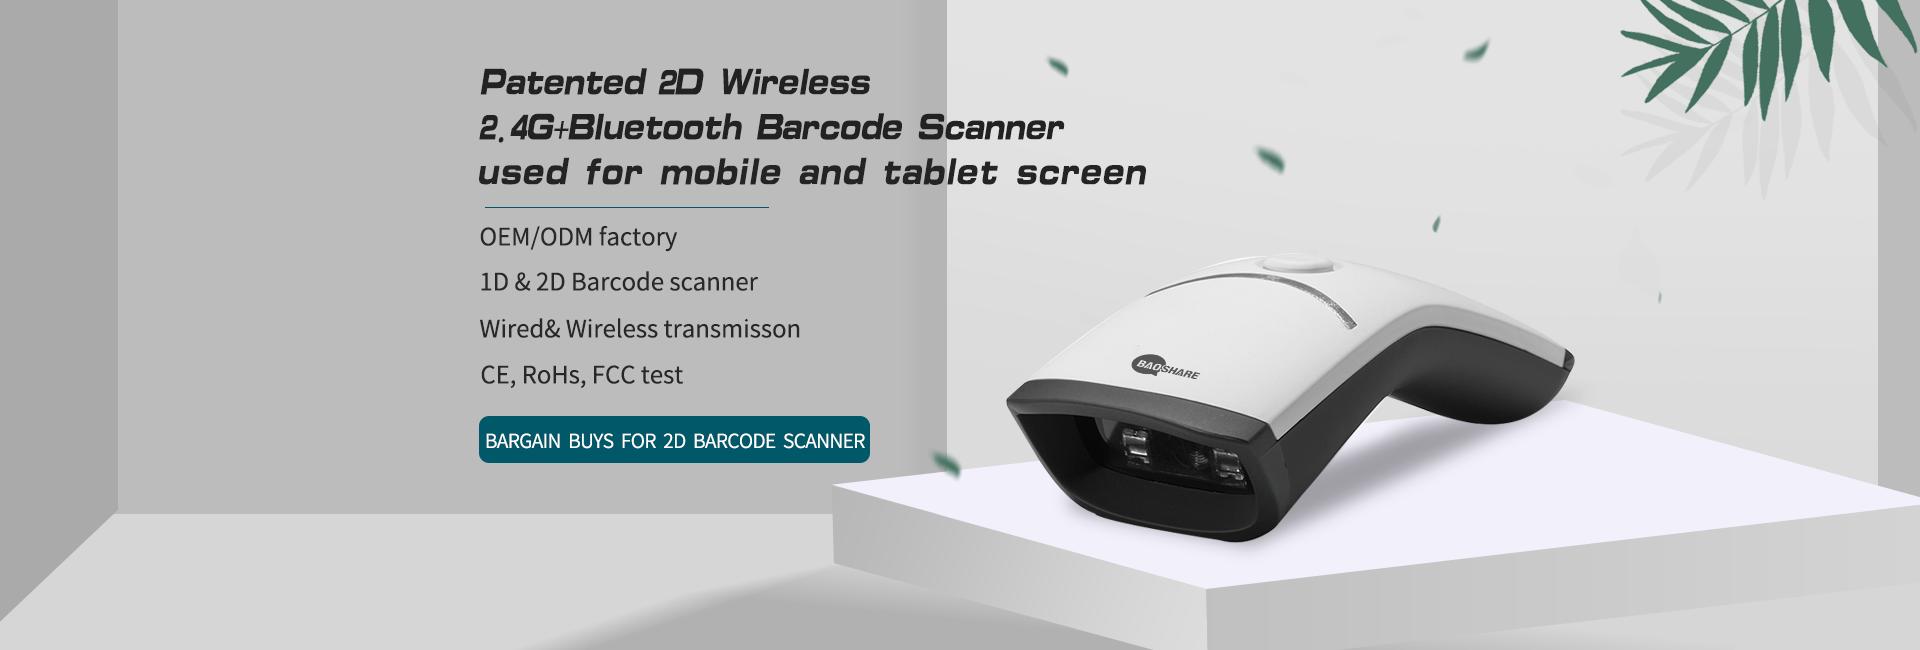 2D Barcode Scanner